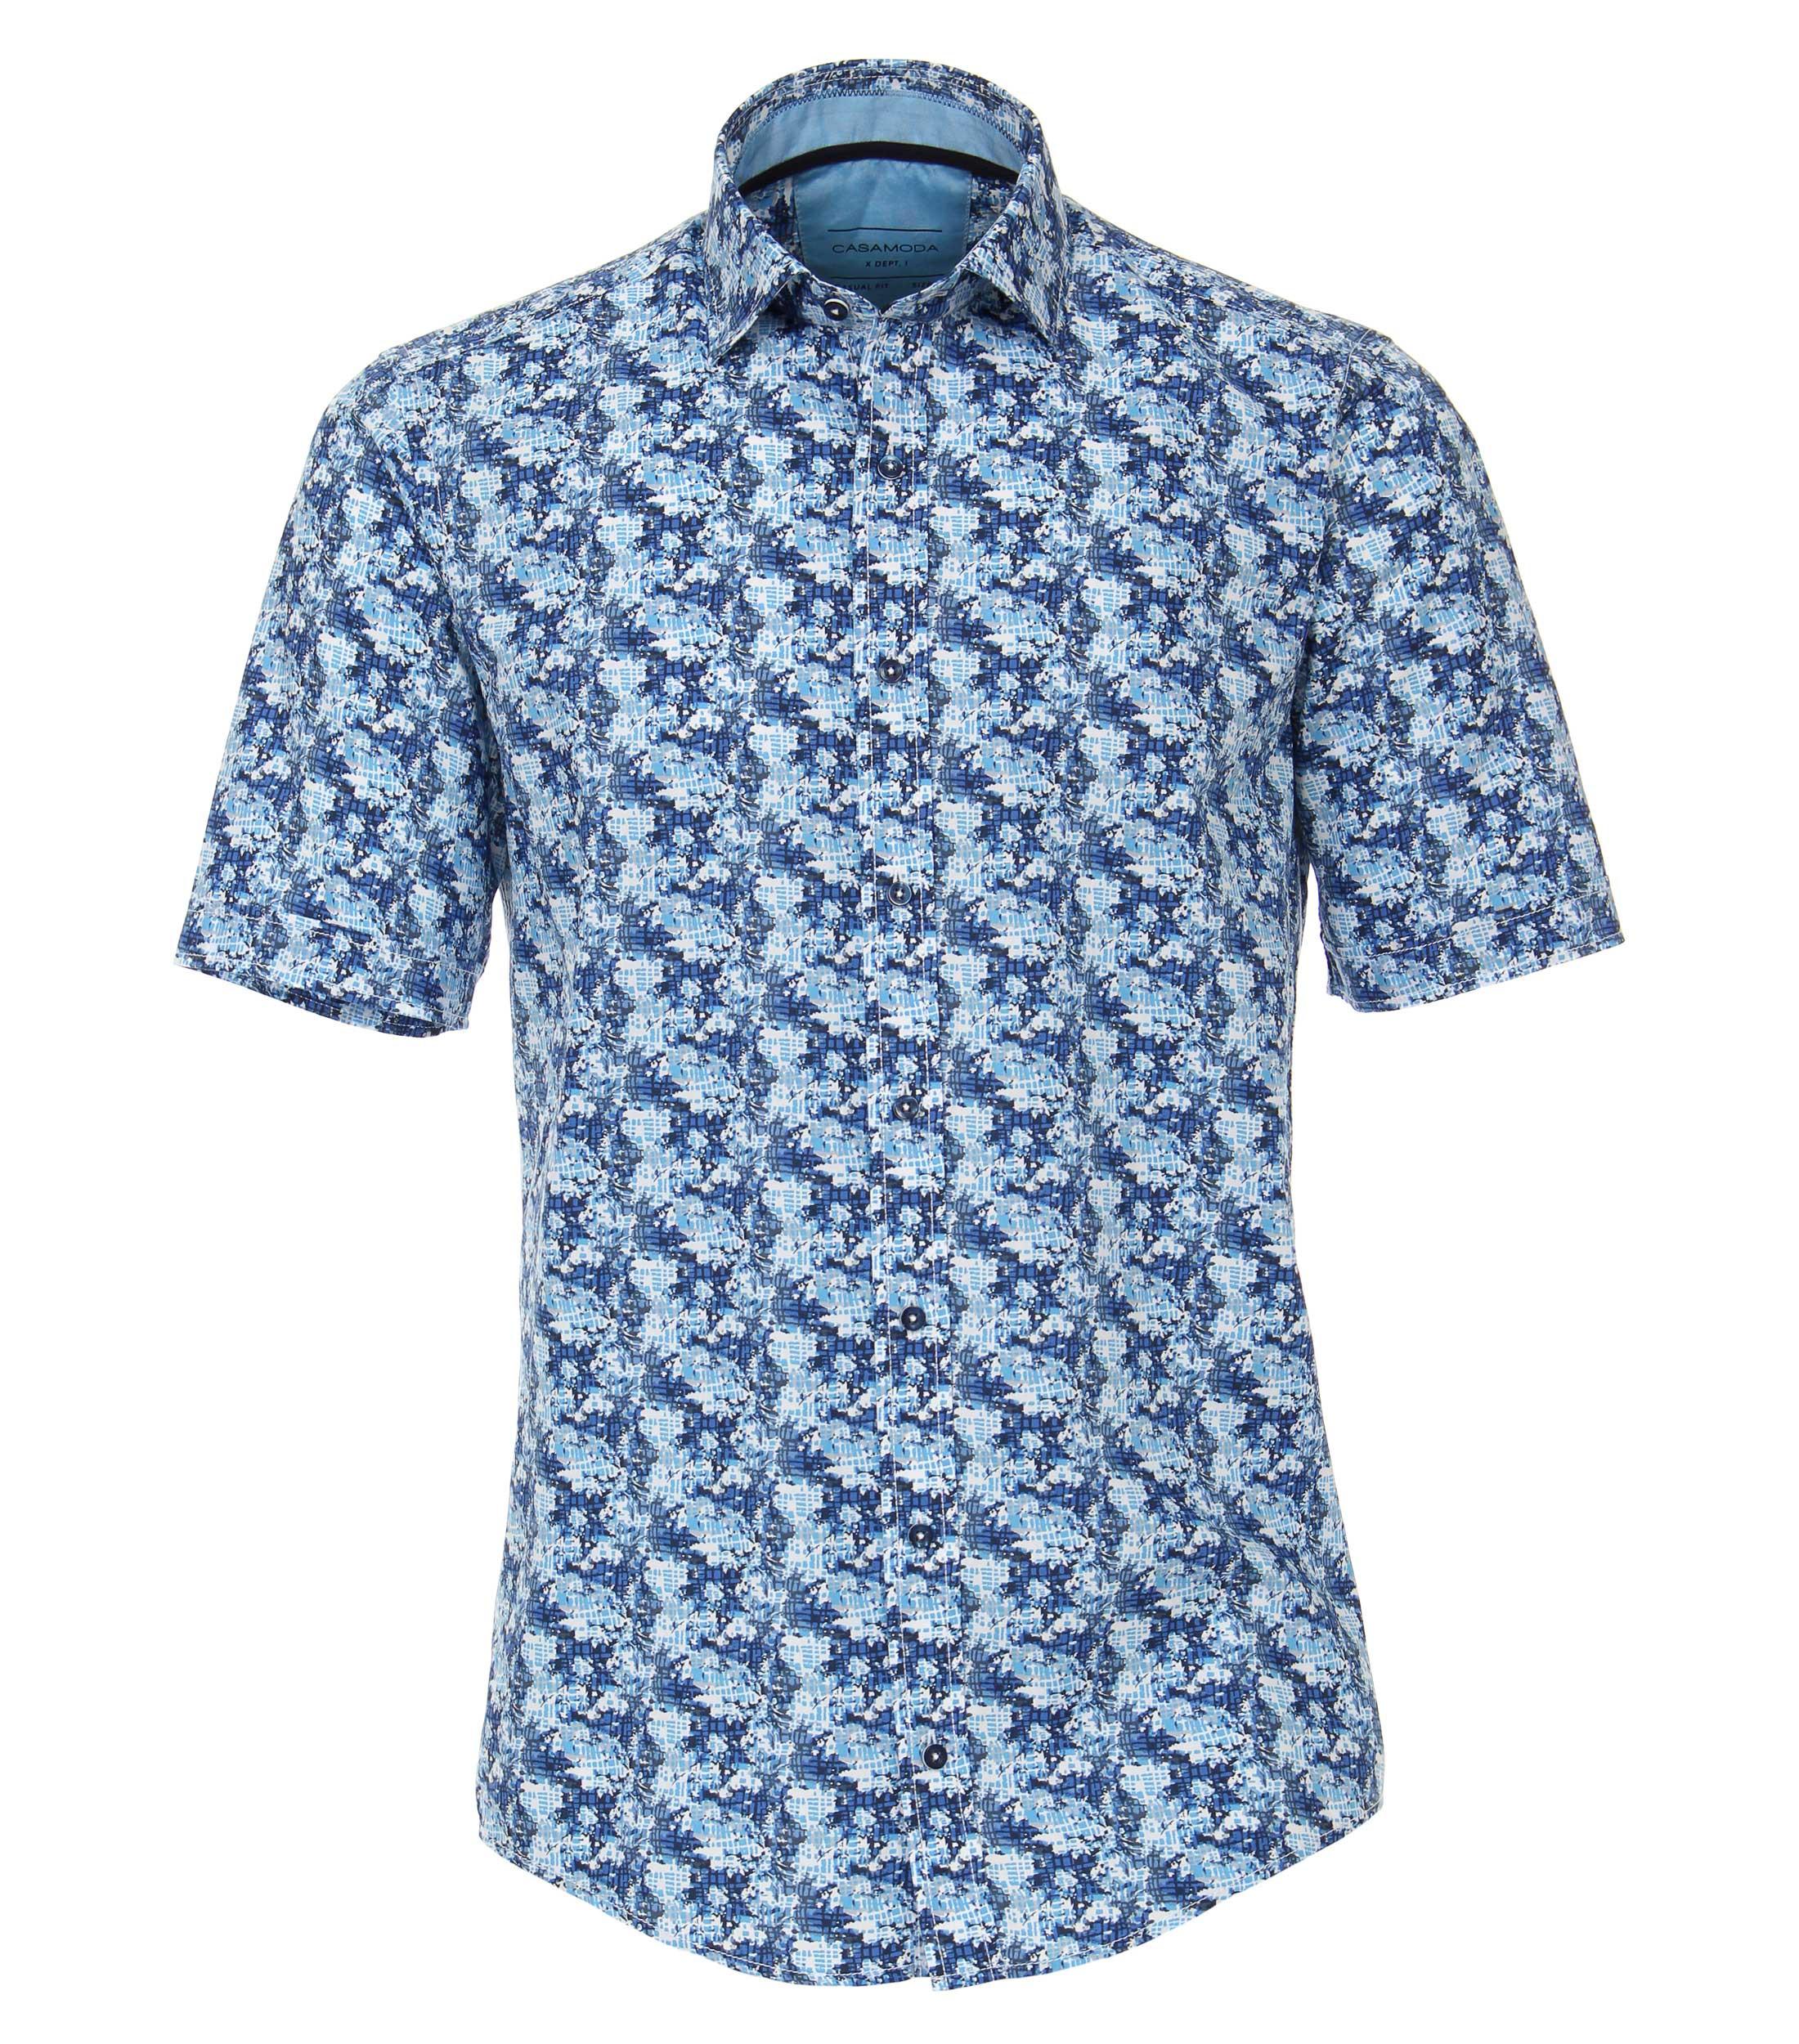 leisure overhemd met print van merk Casa Moda in de kleur blauw, gemaakt van 100% katoen.